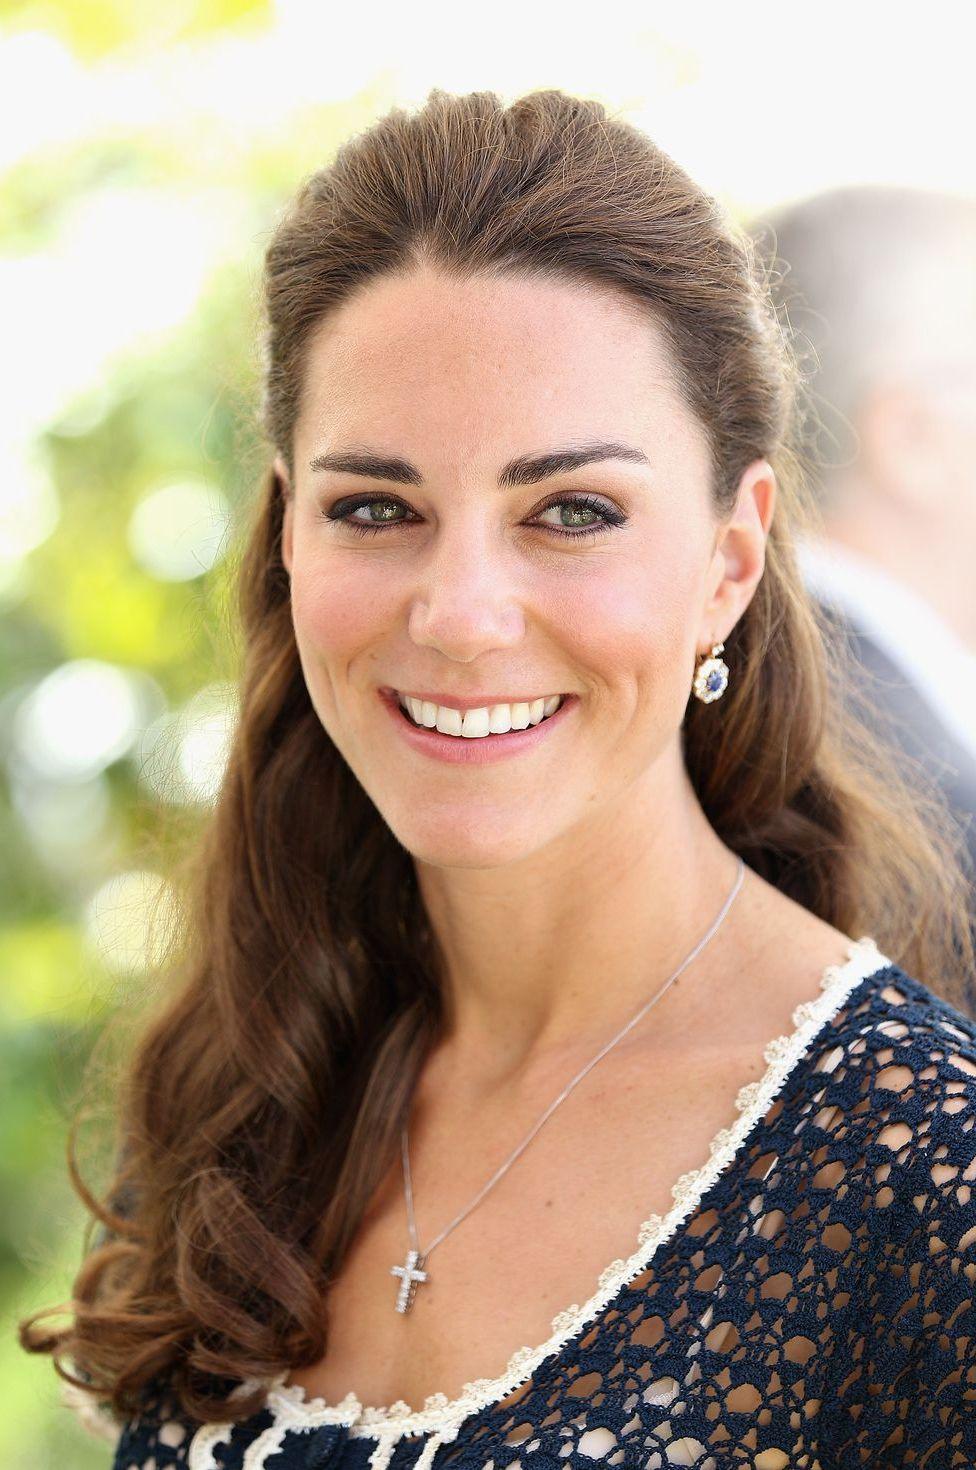 Không quên sử dụng tinh dầu hoa hồng: công nương Kate trong thời gian mang thai không sử dụng các sản phẩm chăm sóc da nhân tạo. Mà thay vào đó, là các sản phẩm chăm sóc da tinh dầu hoa hồng nguồn gốc thiên nhiên.